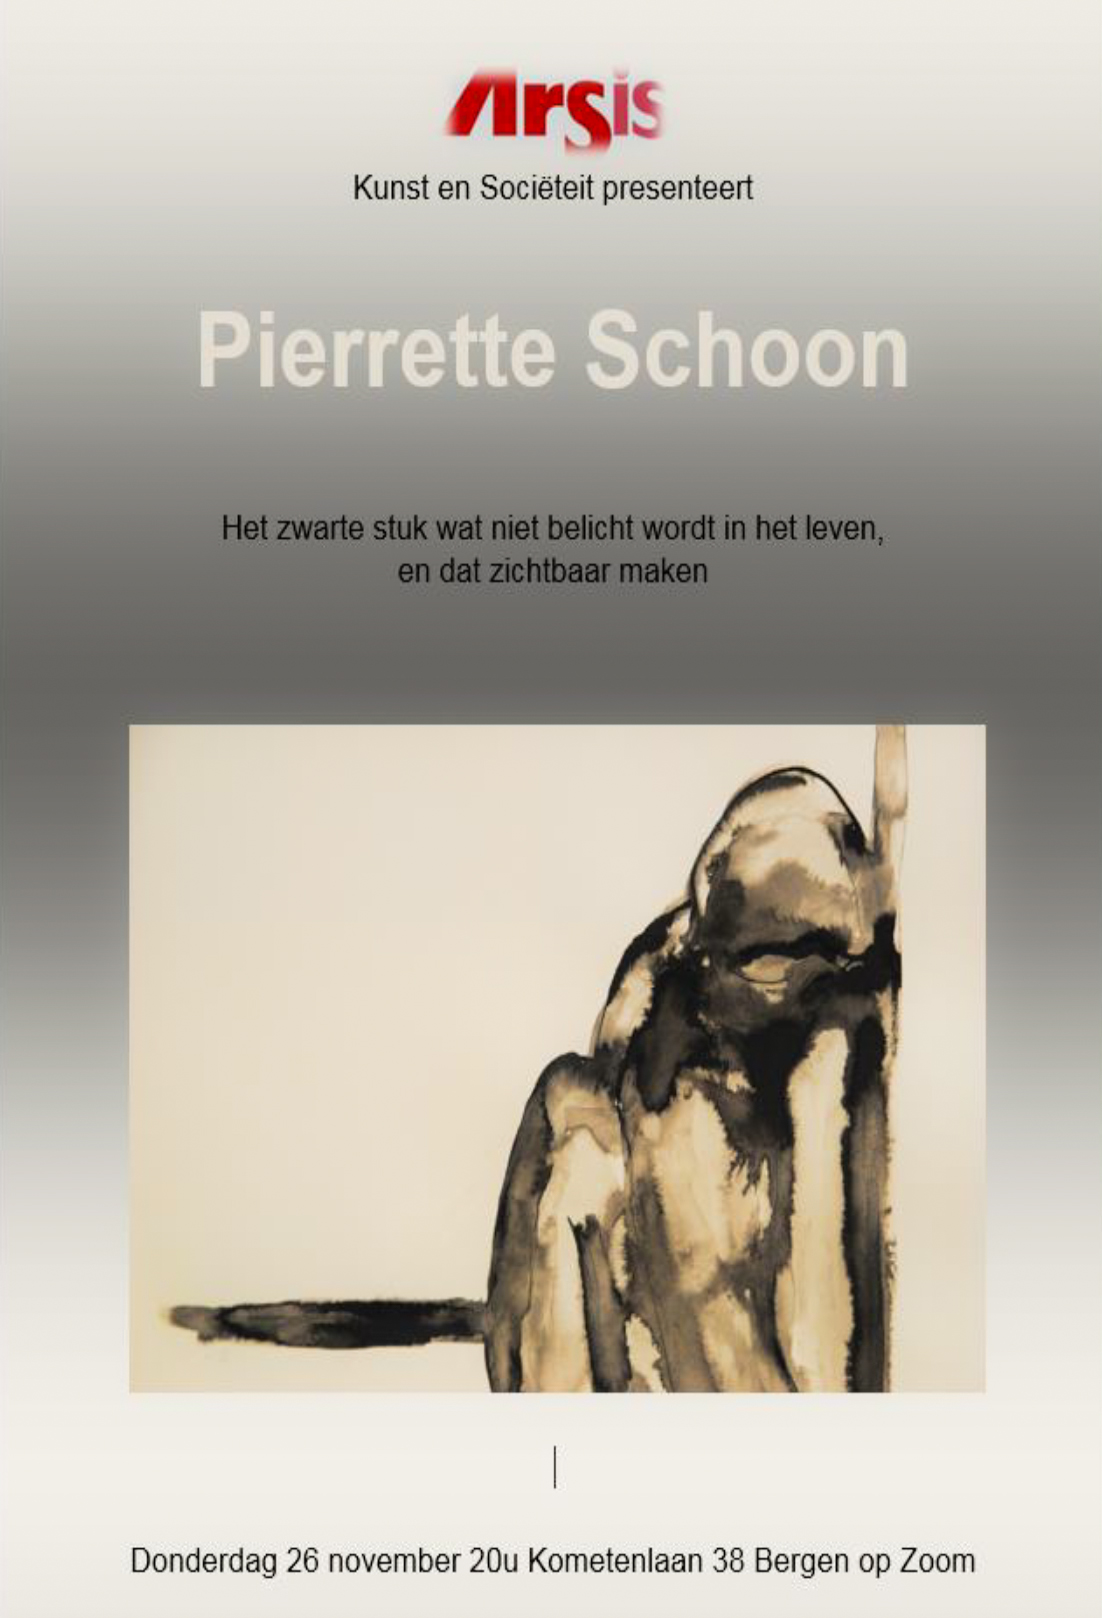 Pierrette Schoon presenteert zich